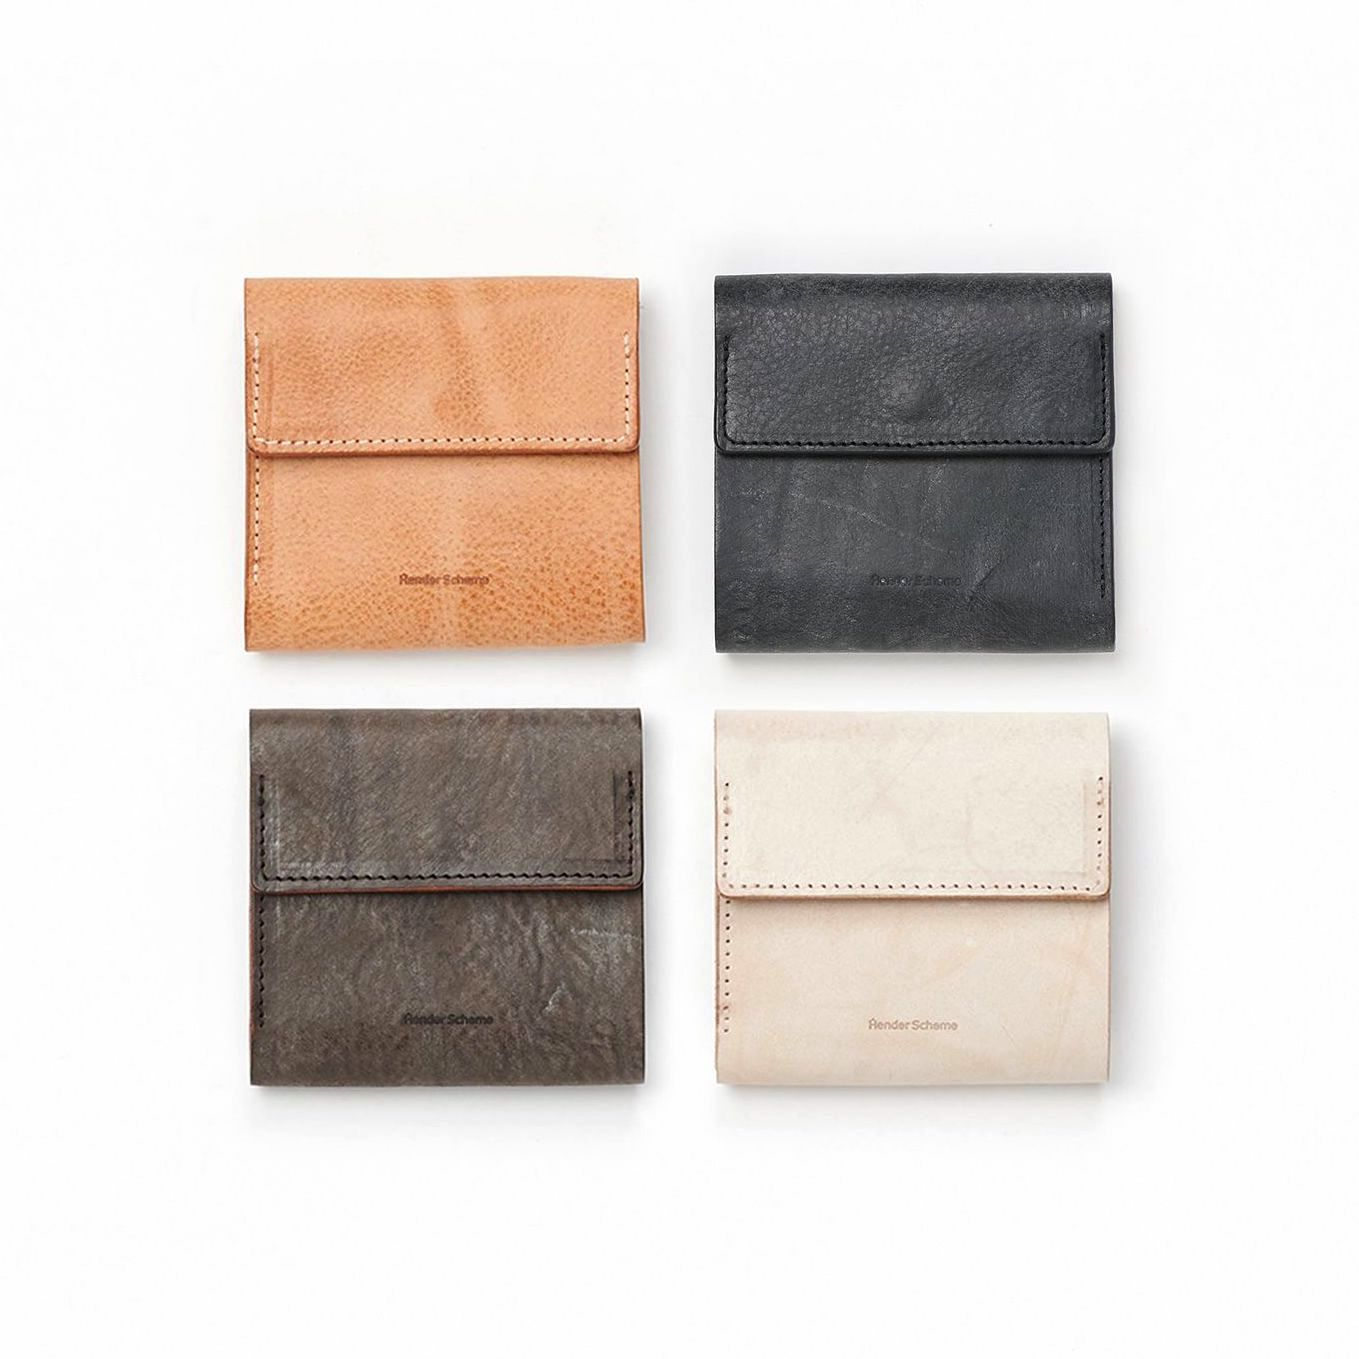 Hender Scheme / clasp wallet 左上natural , 右上black , 左下choco , 右下ivory